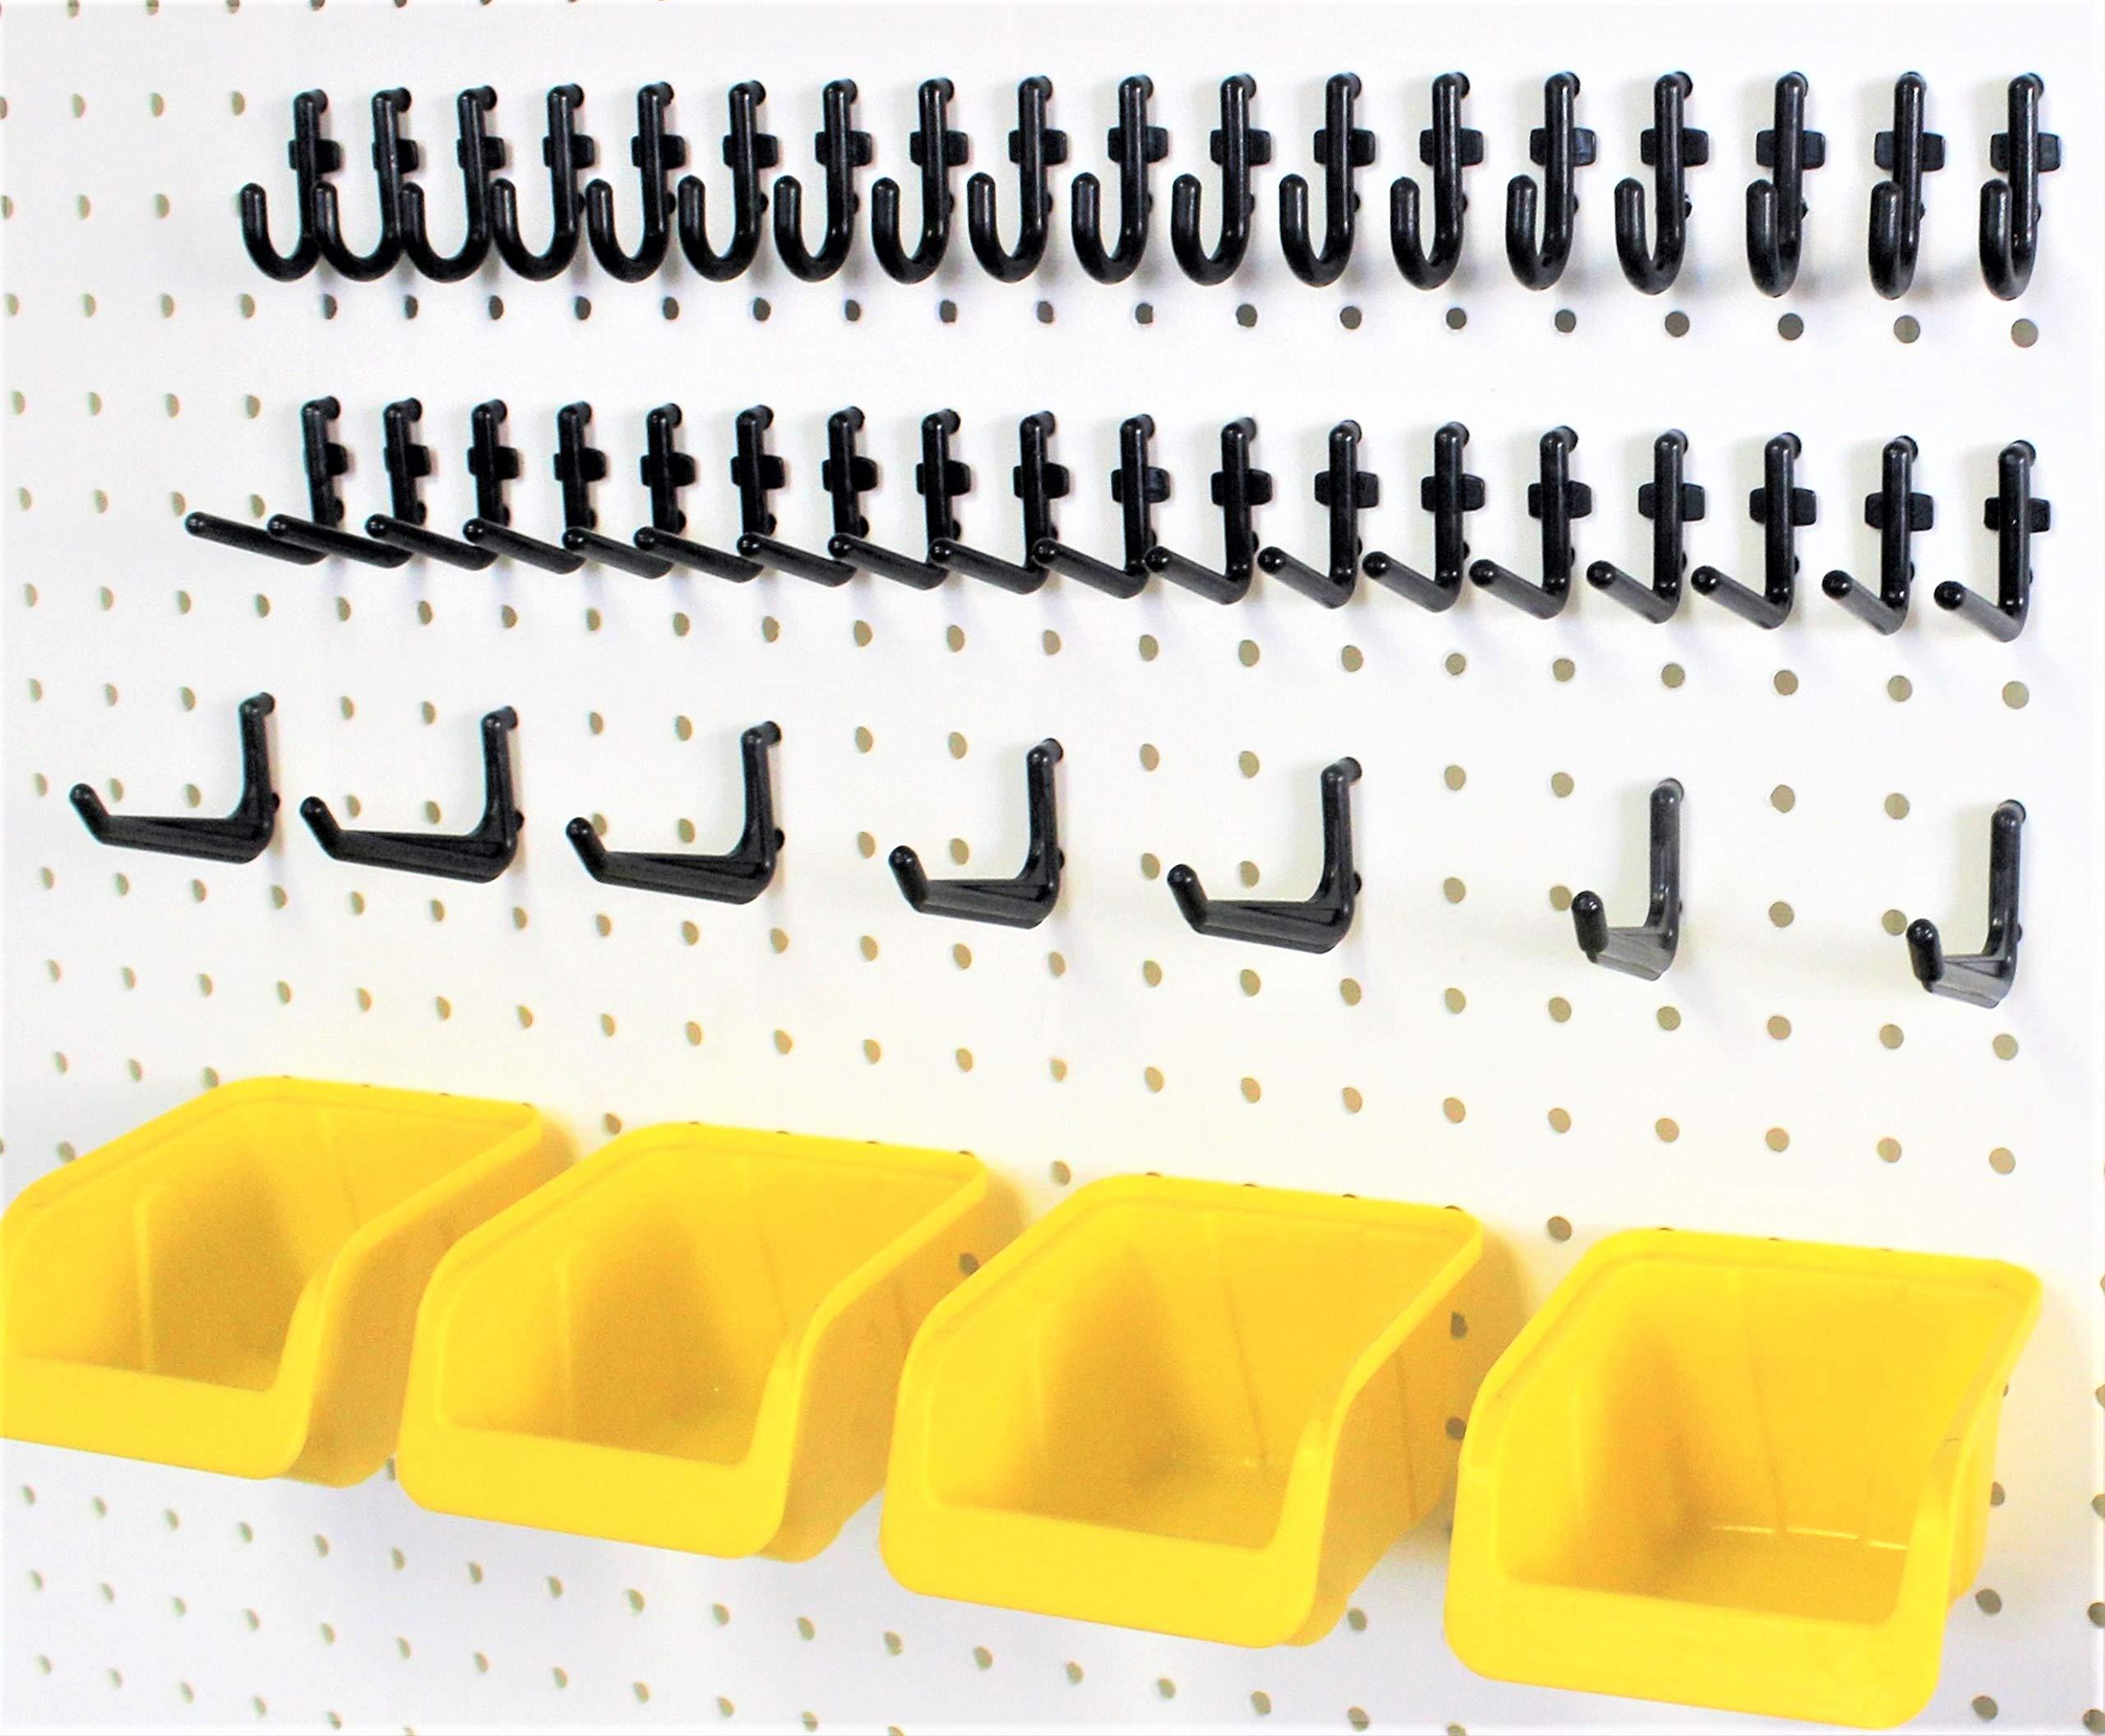 56 Pegboard Storage Organization Kit Yellow Bins and Peg Hooks fits 1/4'' Hole Pegboard